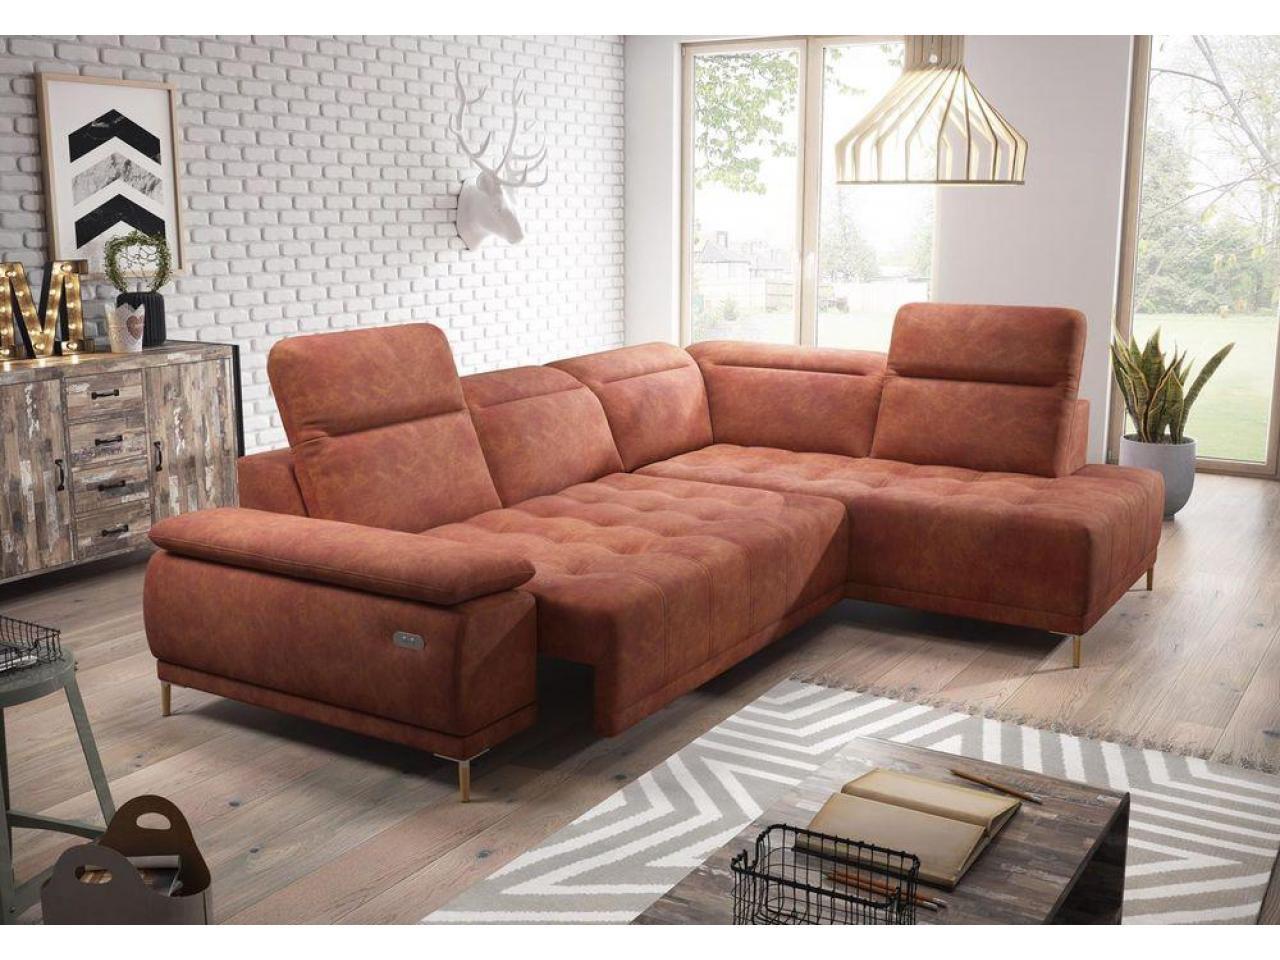 Furnipol - Польская мебель по доступным ценам - 2